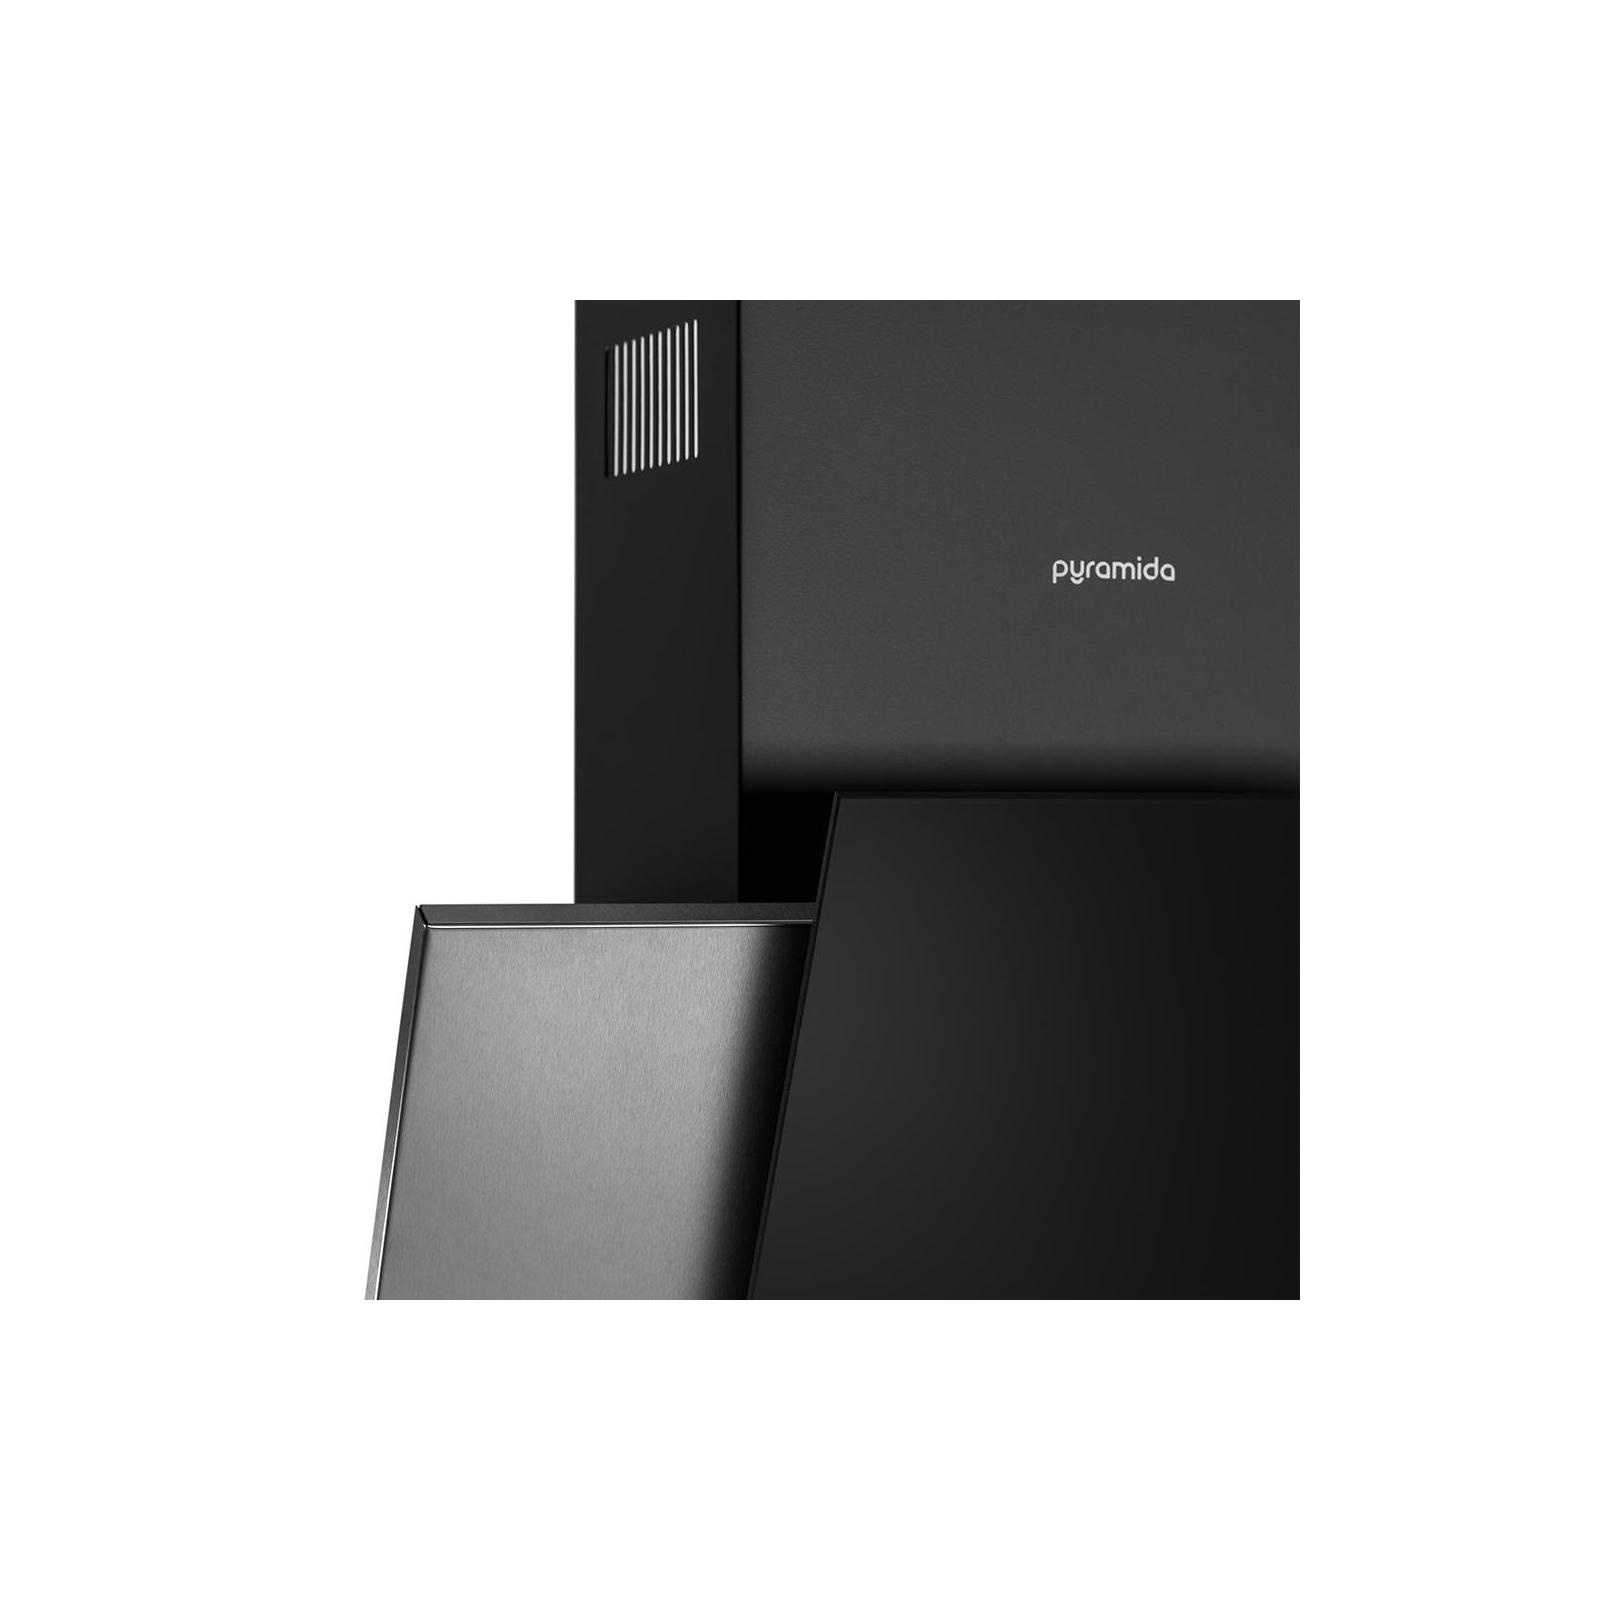 Вытяжка кухонная PYRAMIDA NR-MV 60 SYE-26 IX изображение 5